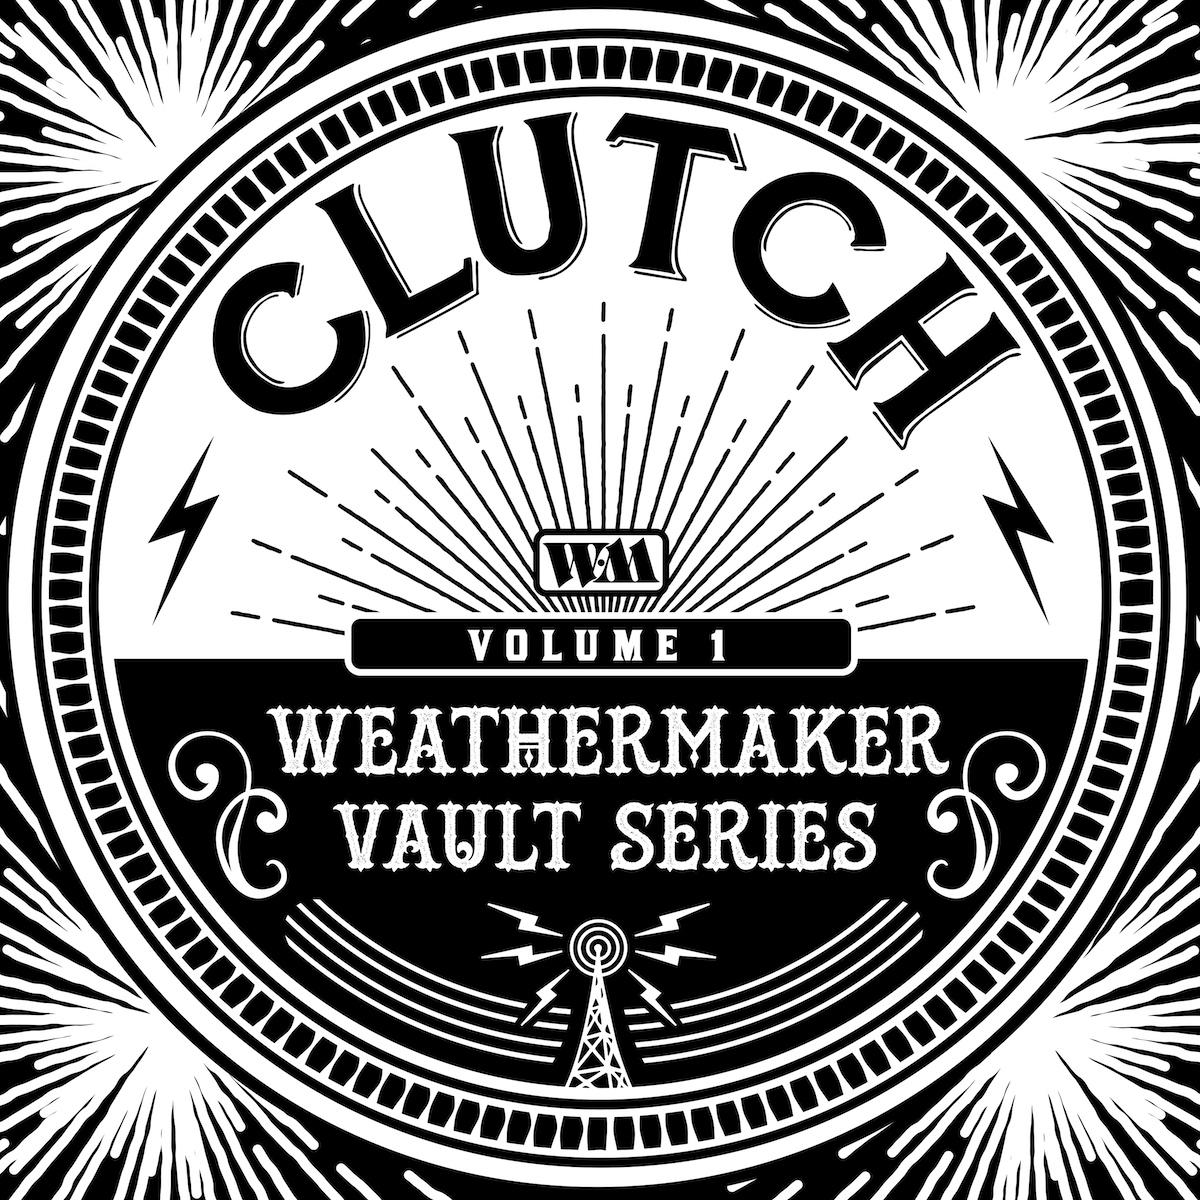 Clutch Weathermaker Vol 1